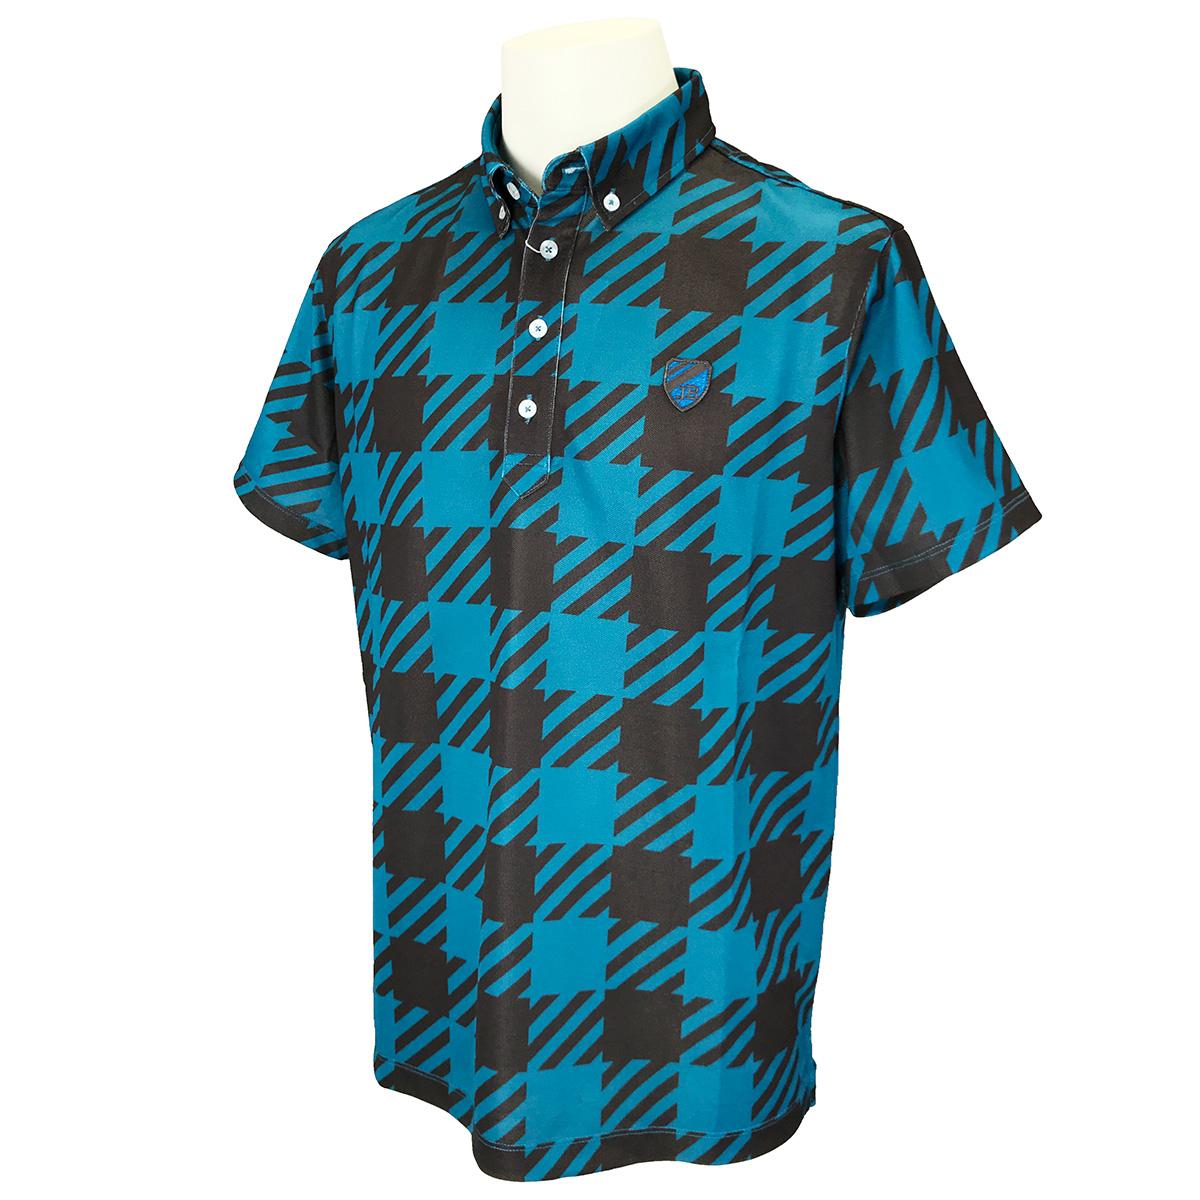 ベア鹿の子ビッグチェック柄 半袖ポロシャツ